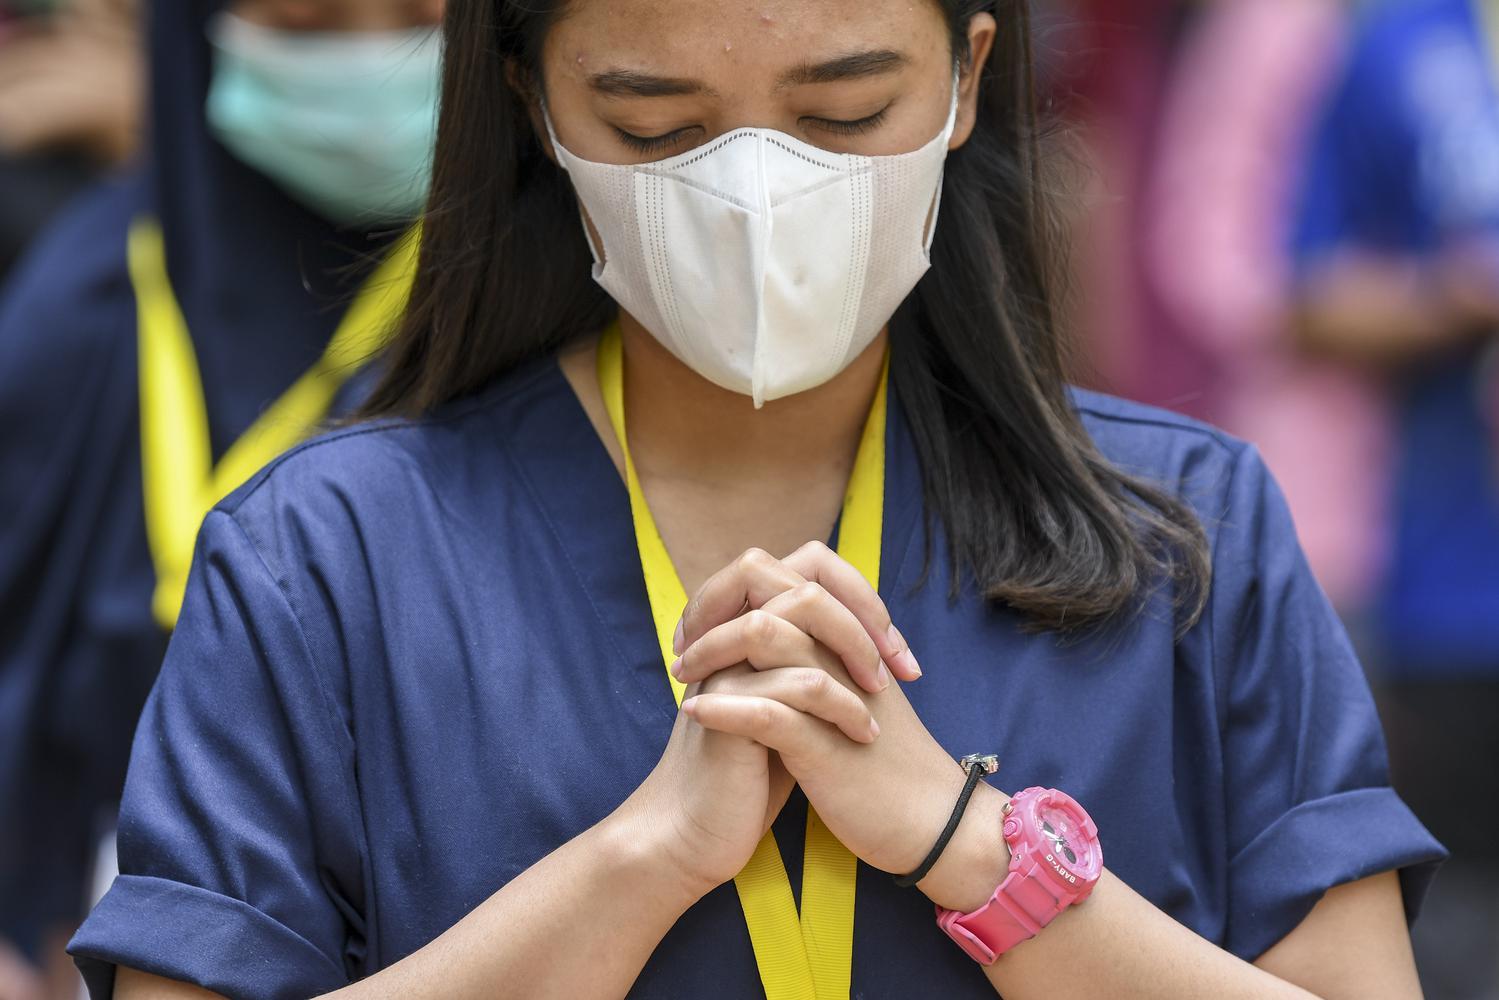 Seorang tenaga kesehatan berdoa saat memperingati Hari Kesehatan Nasional (HKN) ke-56 di Rumah Sakit Darurat COVID-19 Wisma Atlet Kemayoran di Jakarta, Kamis (12/11/2020). Dalam peringatan tersebut Kementerian Kesehatan mengajak masyarakat untuk memperingatinya dengan gerakan tepuk tangan selama 56 detik, sebagai bentuk apresiasi kepada para tenaga kesehatan dan masyarakat yang melaksanakan protokol kesehatan untuk mencegah penularan COVID-19.